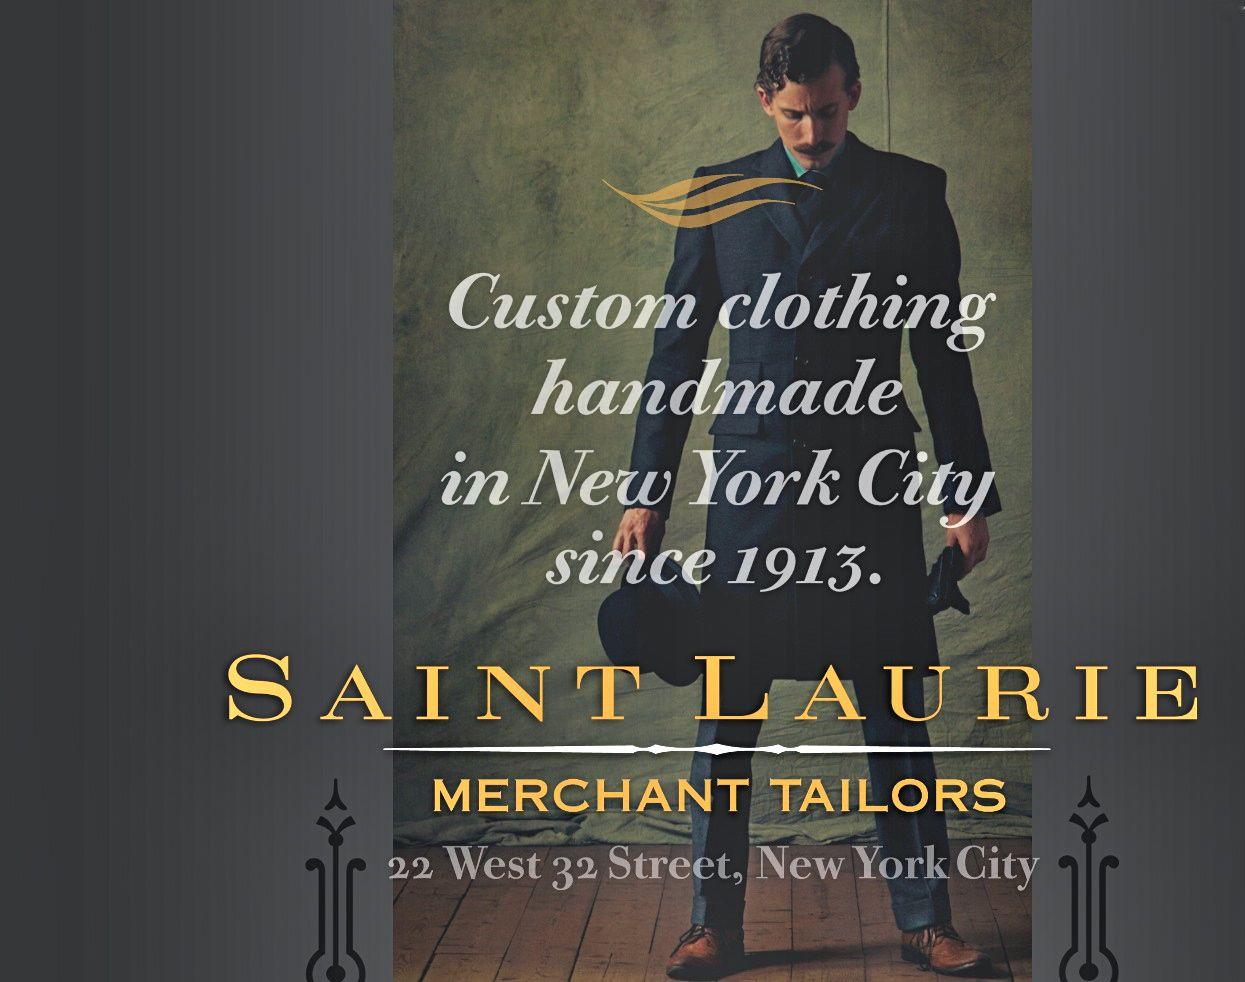 Saint Laurie Merchant Tailors